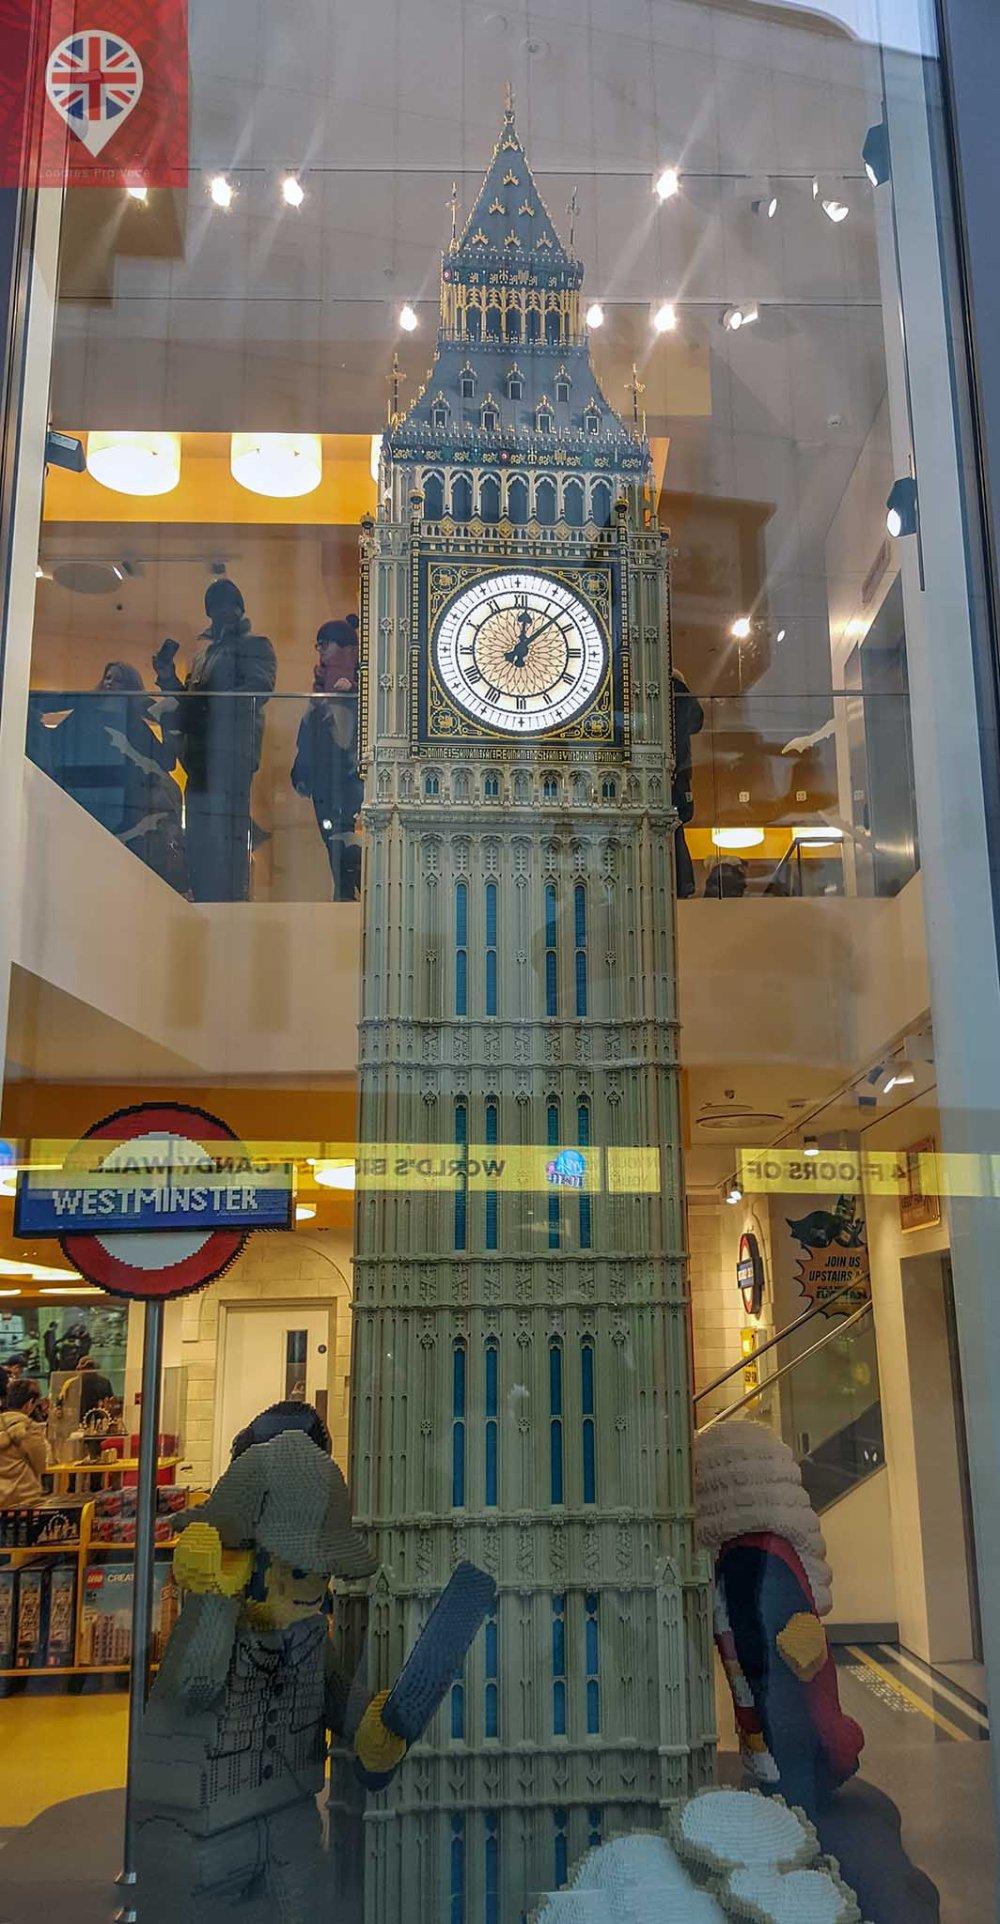 Lego store big ben